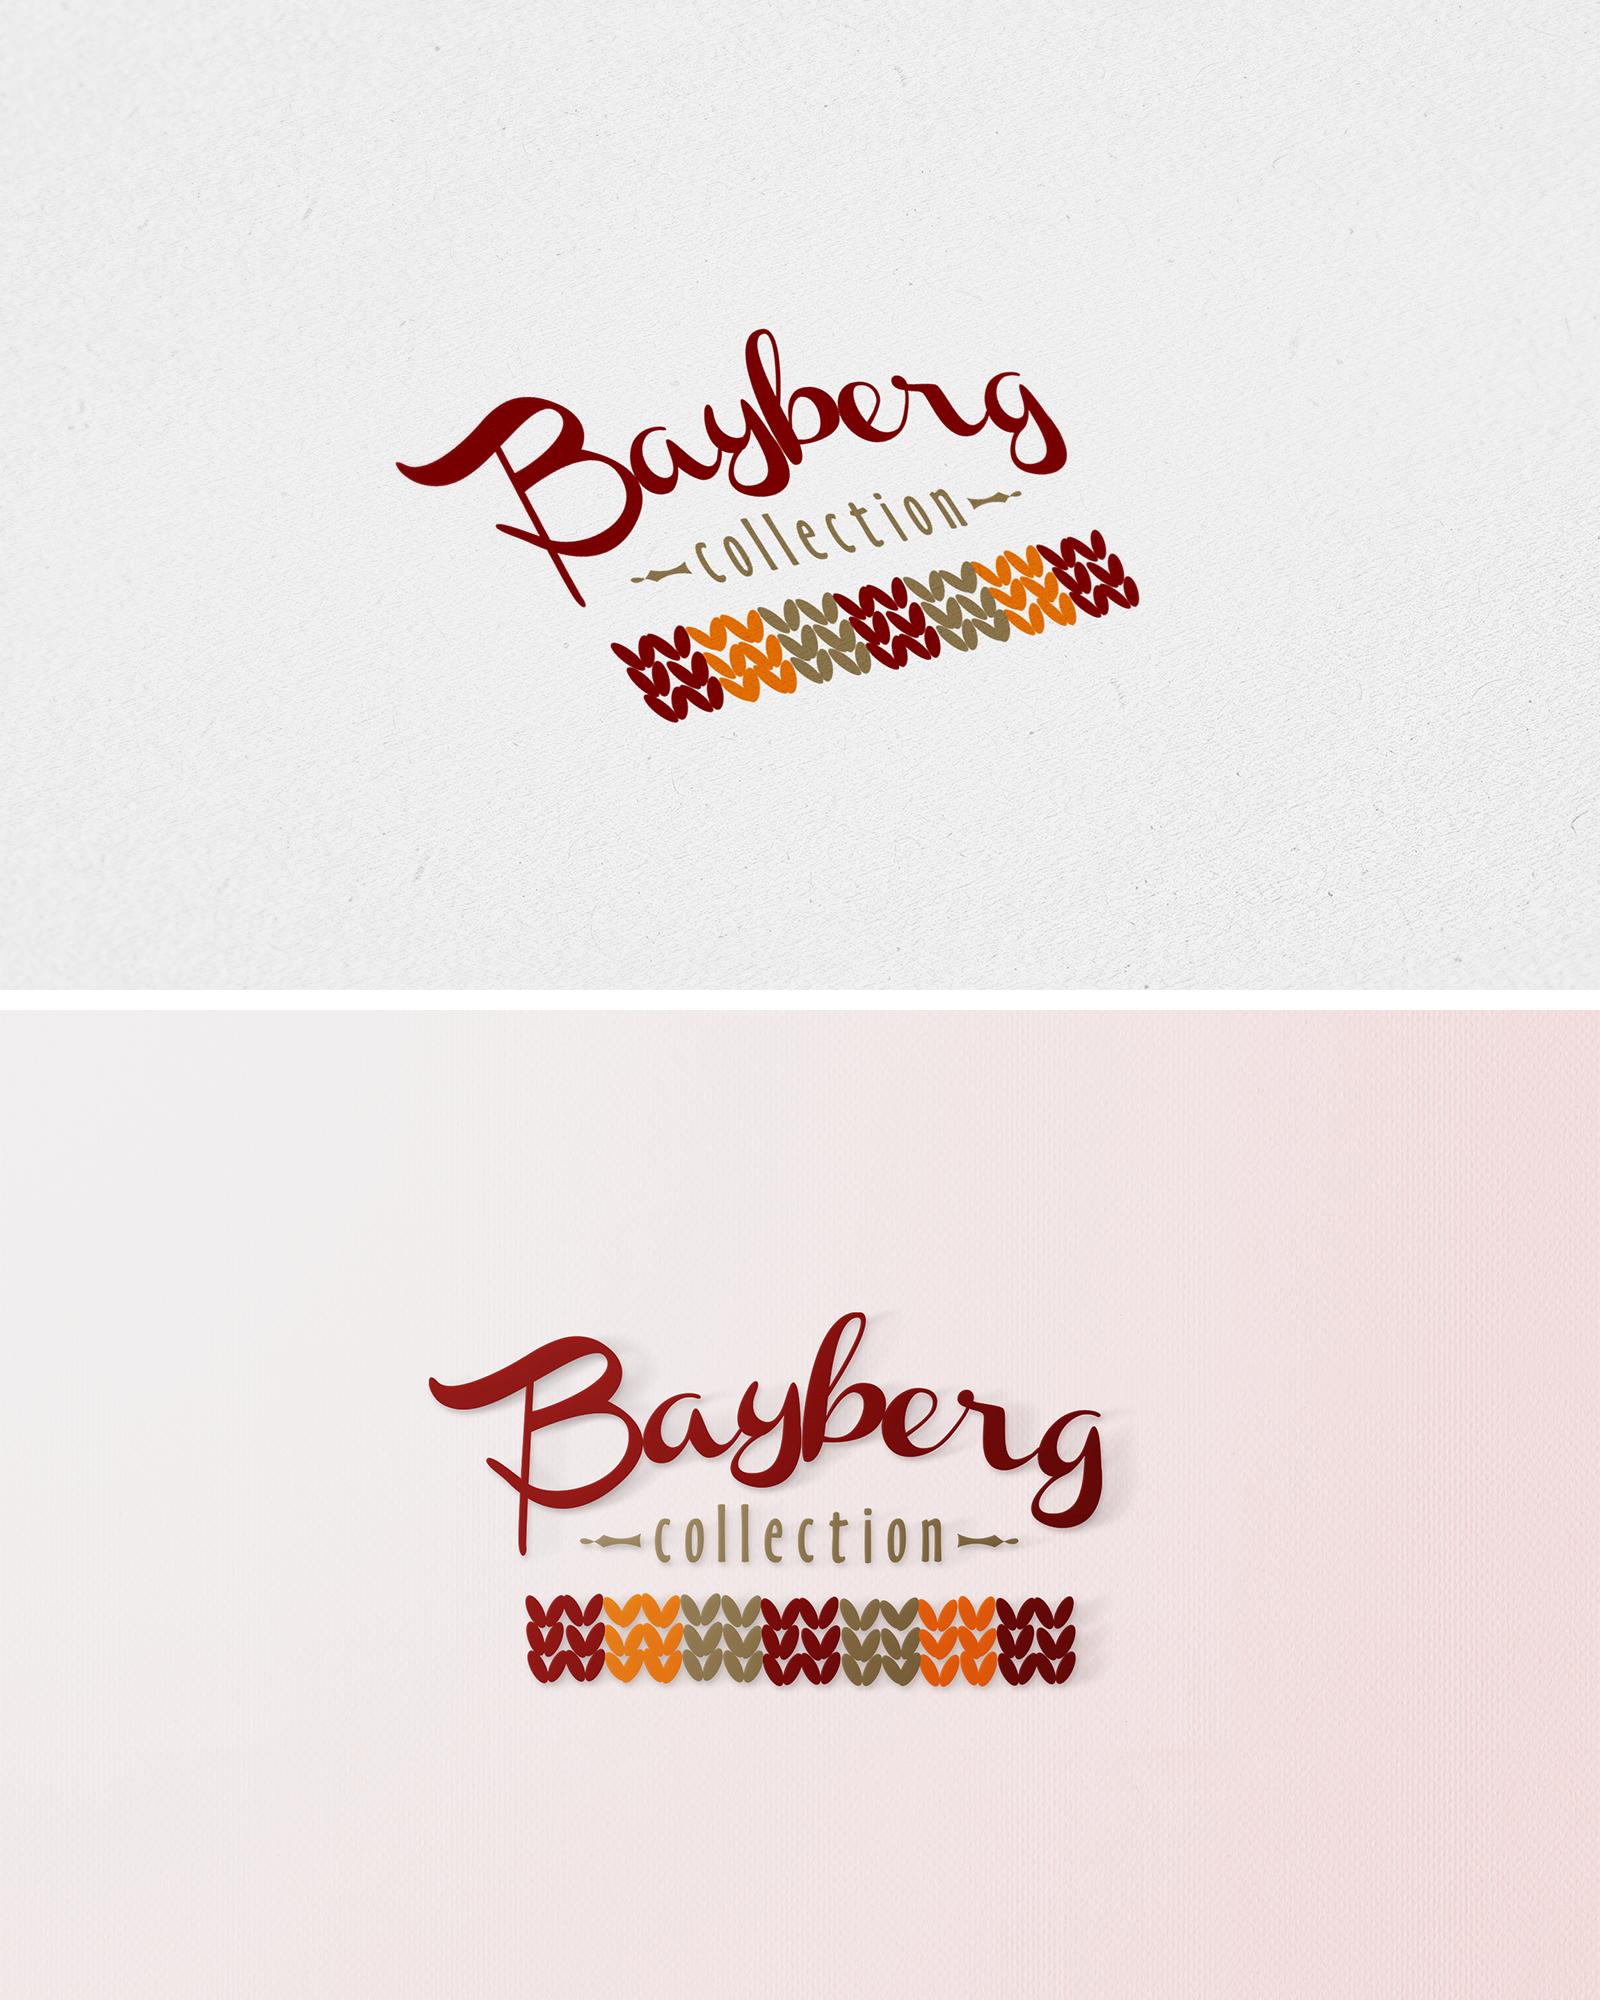 Дизайн логотипа трикотажных изделий